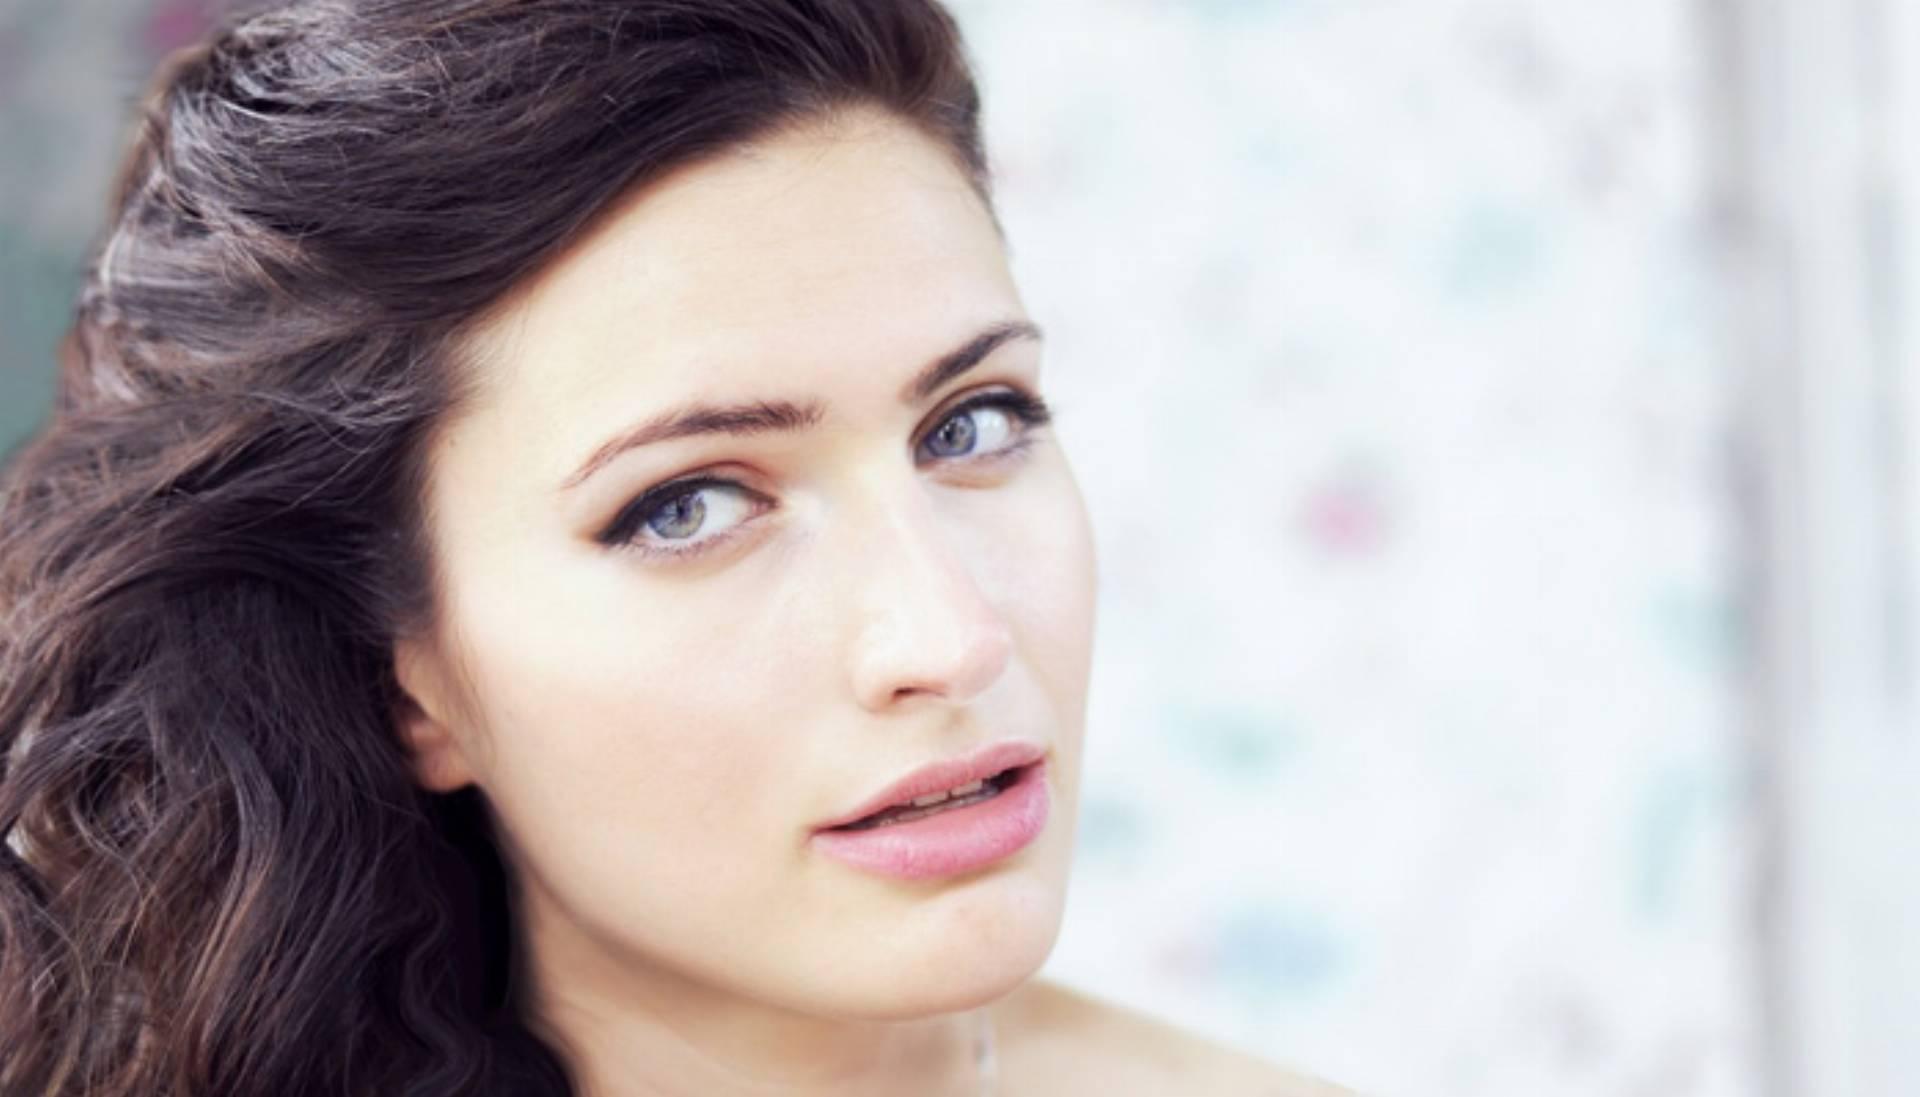 Pielęgnacja skóry wokół oczu i ust